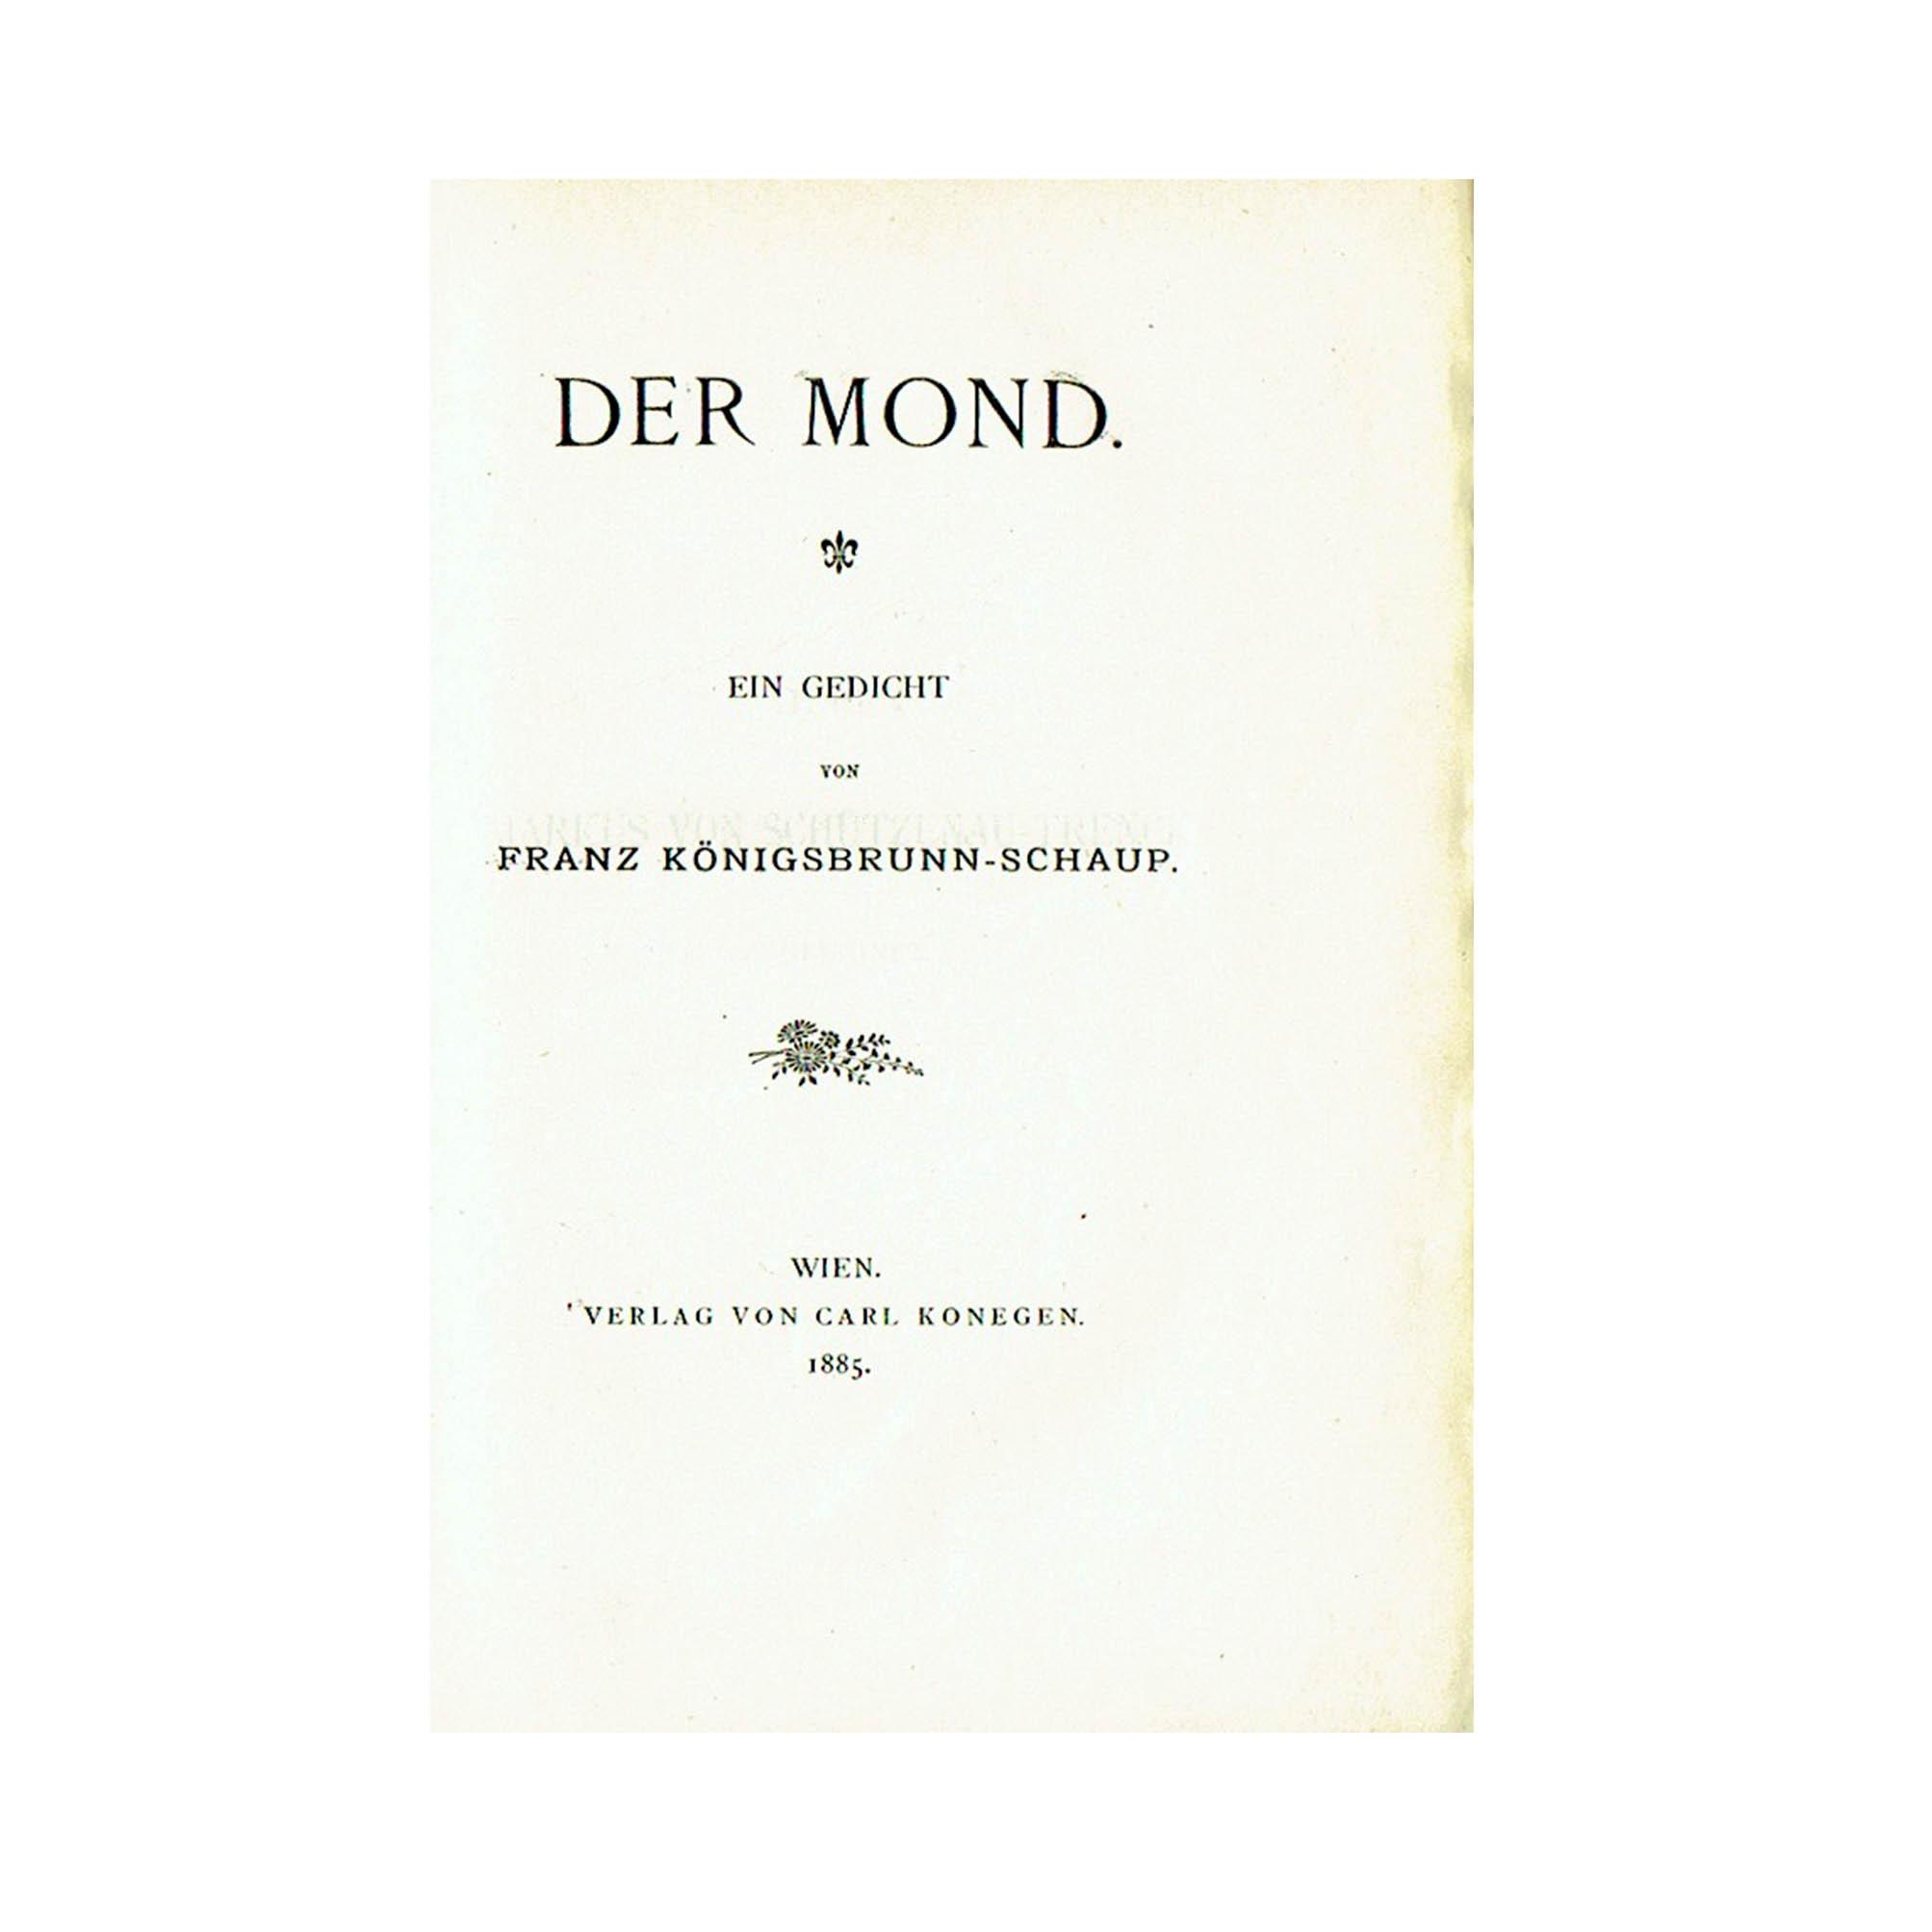 5789-Koenigsbrunn-Schaup-Mond-Konegen-1885-Titelblatt-N.jpeg